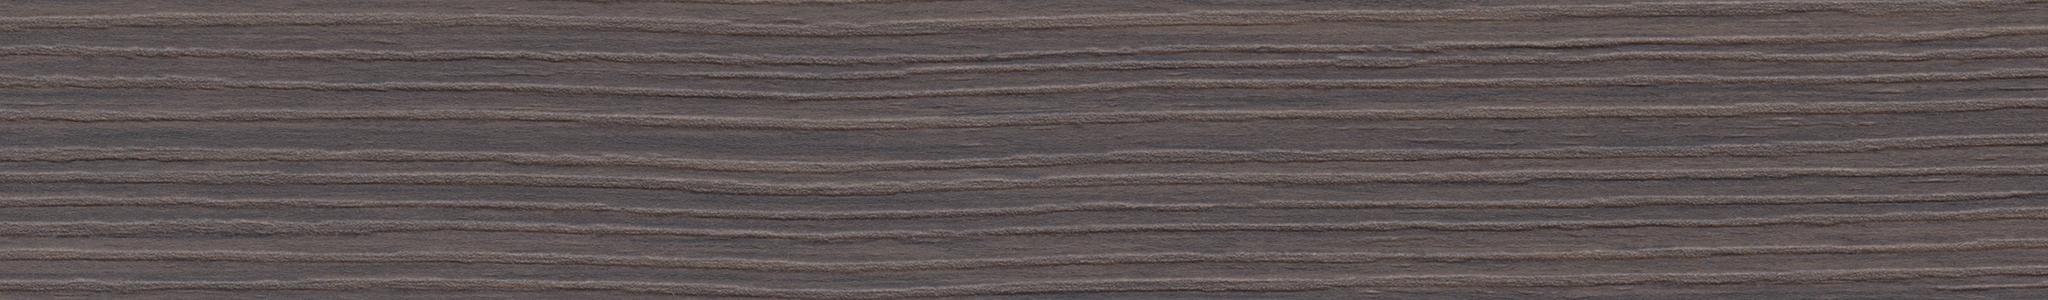 HD 294062 Кромка ABS Орландо - Поры - Мягкая Матовая